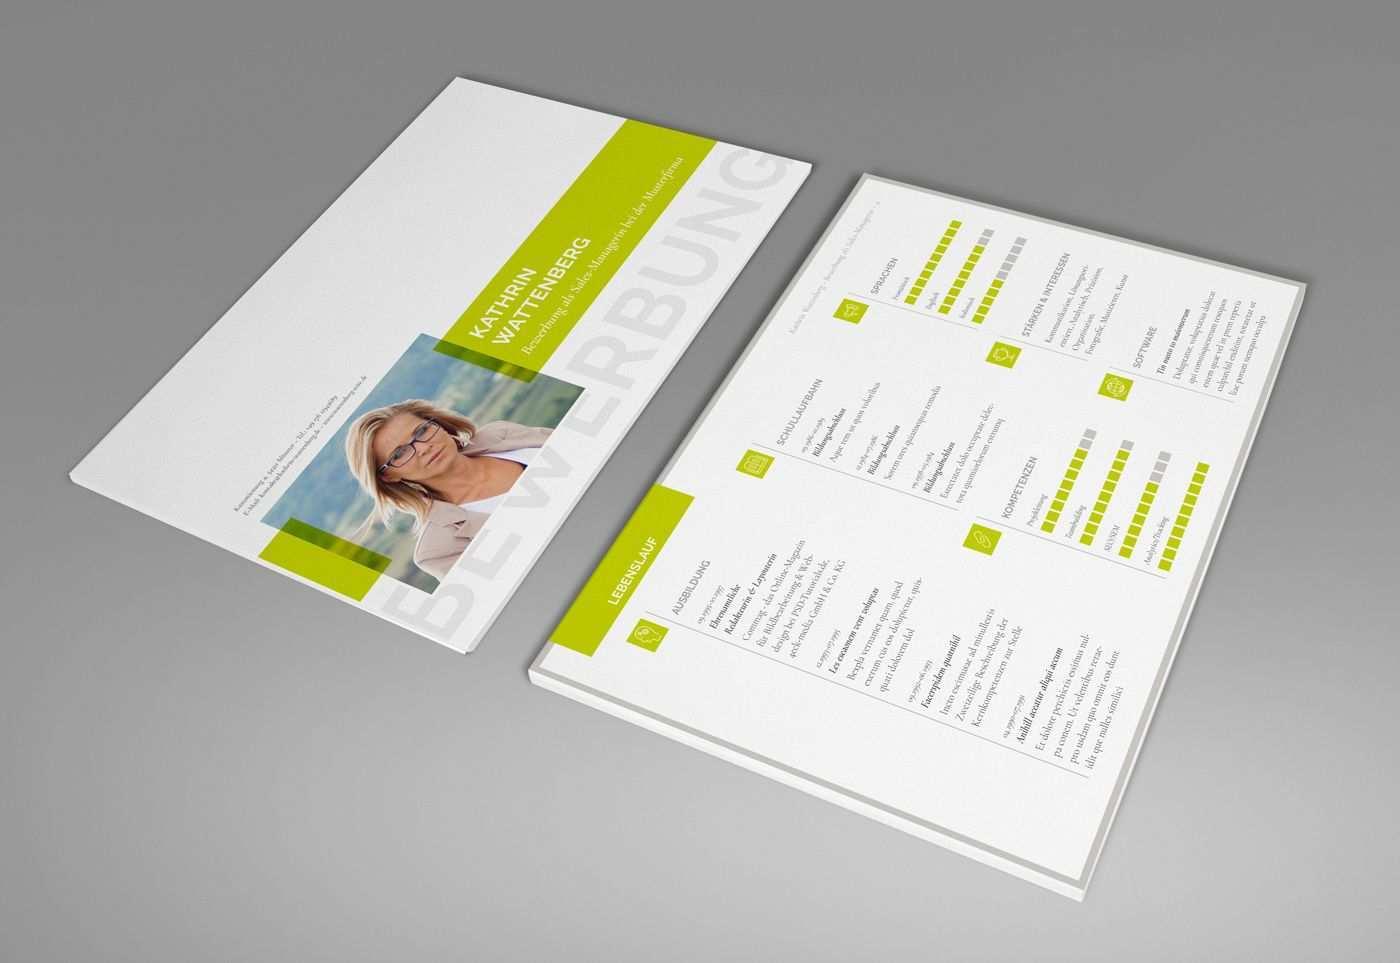 Vorlagen Fur Deine Bewerbung Indesign Word Coreldraw Lebenslauf Vorlage Lebenslauf Kostenlos Vorlagen Lebenslauf